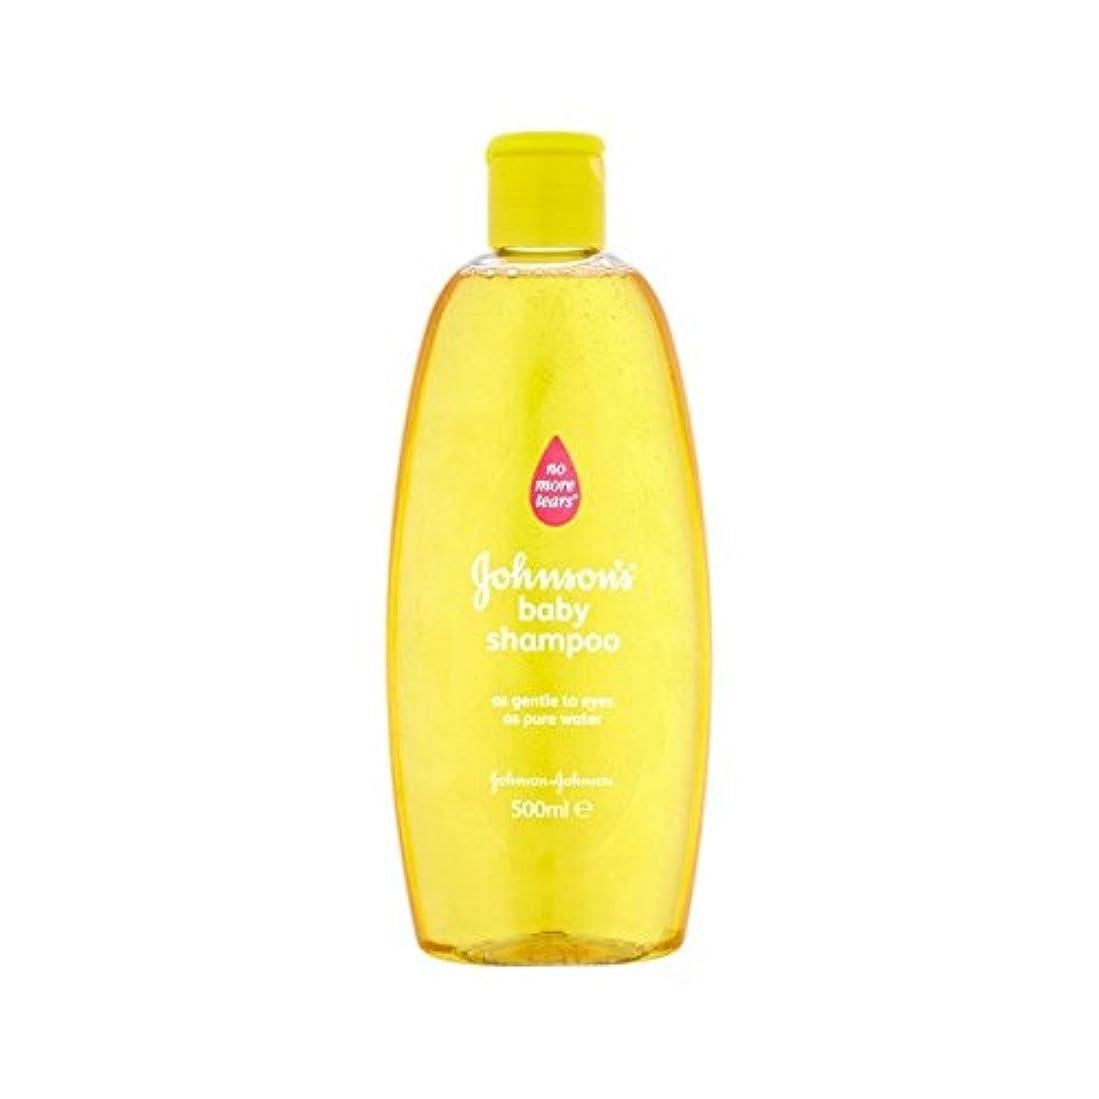 計算するもちろん年金受給者金シャンプー500ミリリットル (Johnson's Baby) - Johnson's Baby Gold Shampoo 500ml [並行輸入品]